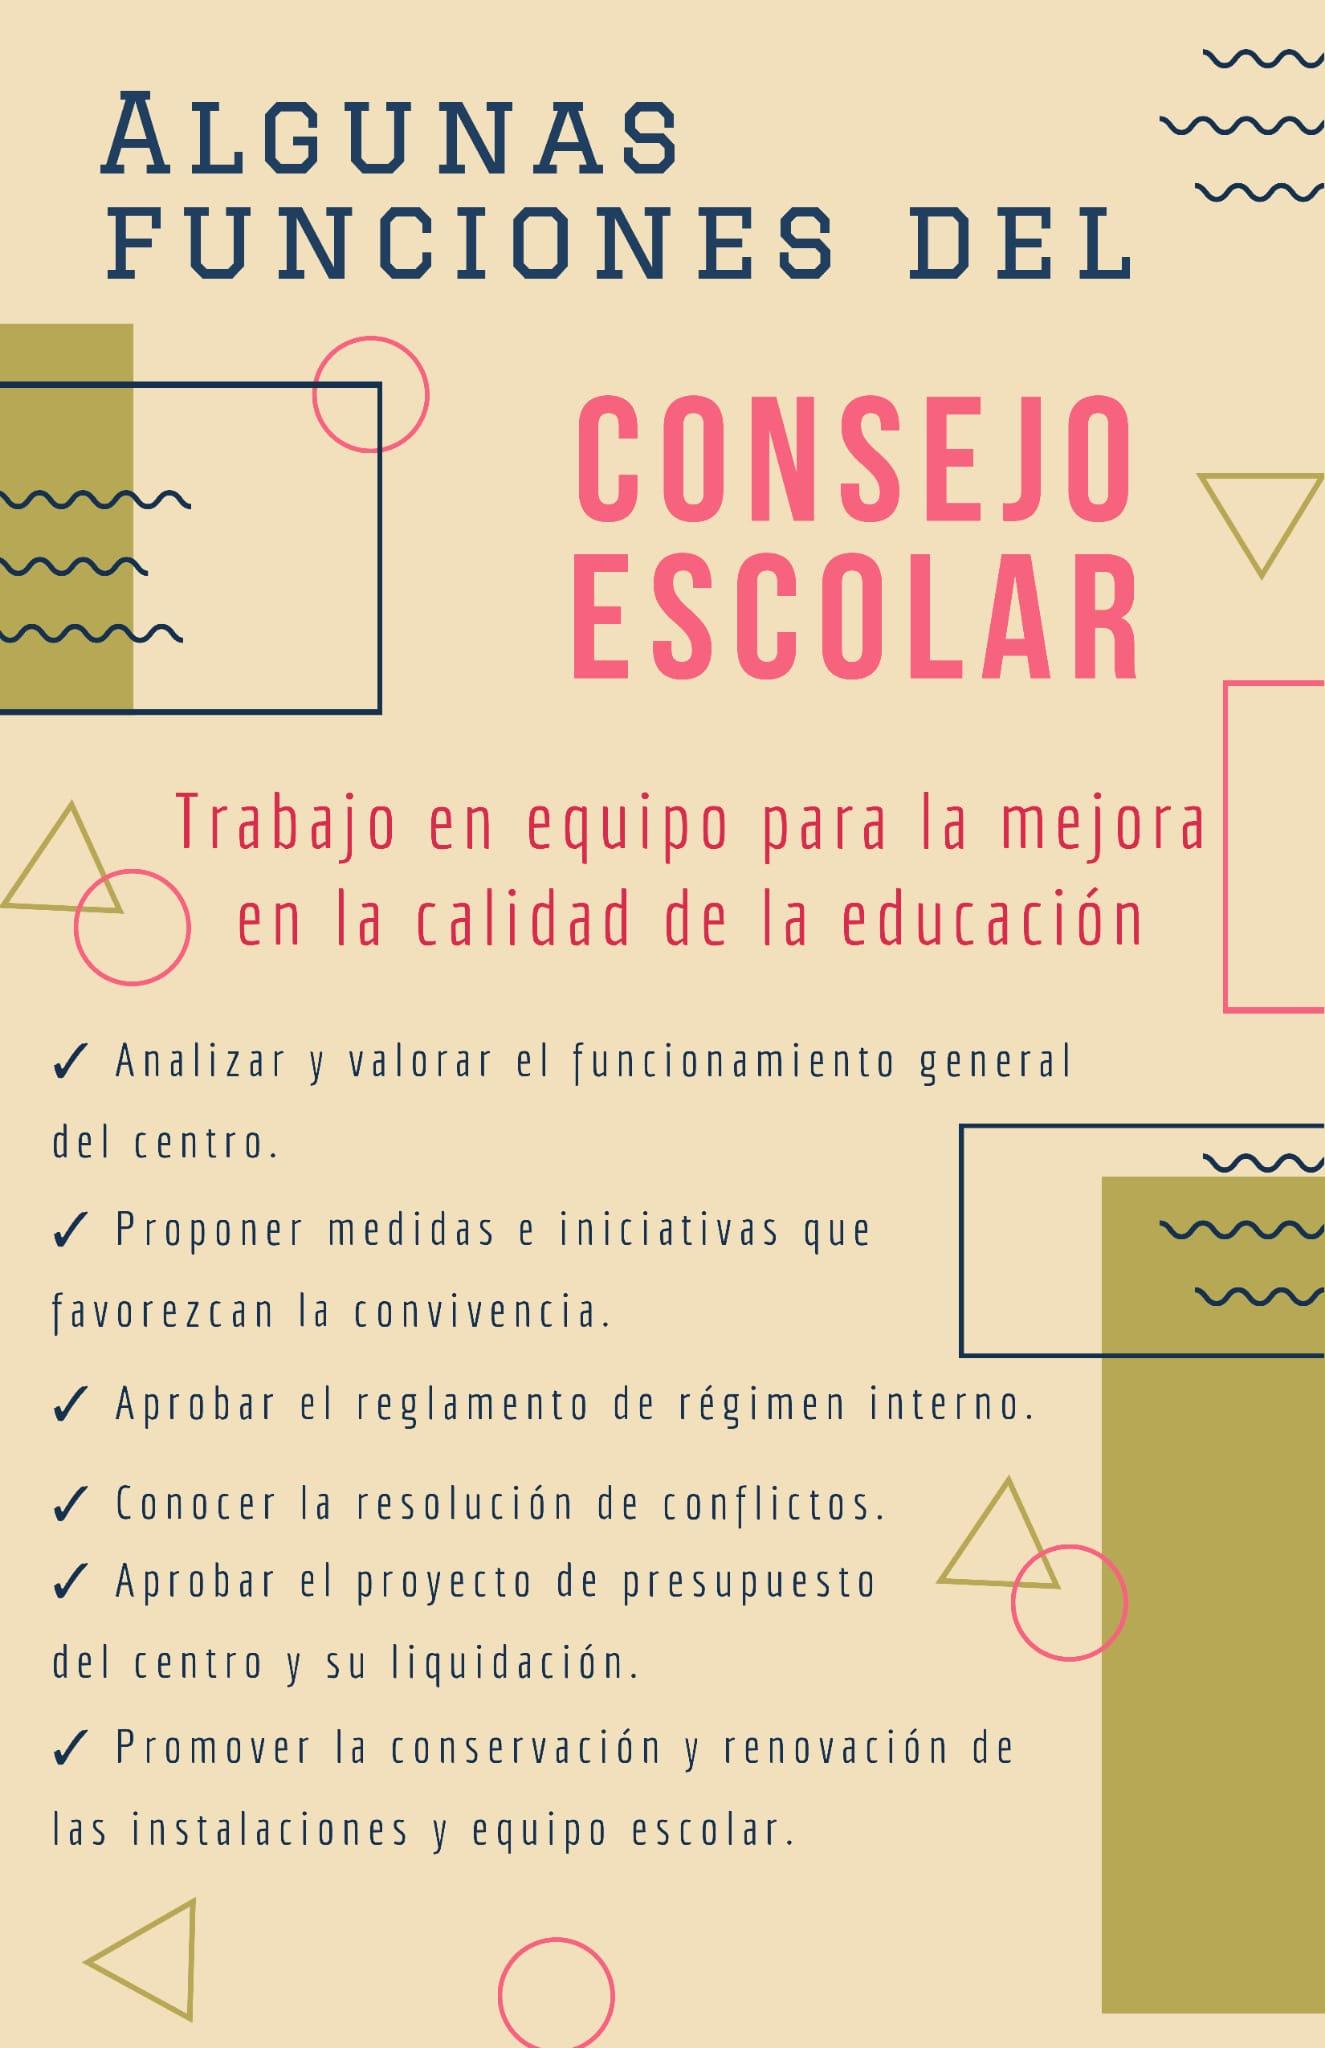 Infografía con información sobre algunas de las funciones del Consejo Escolar.